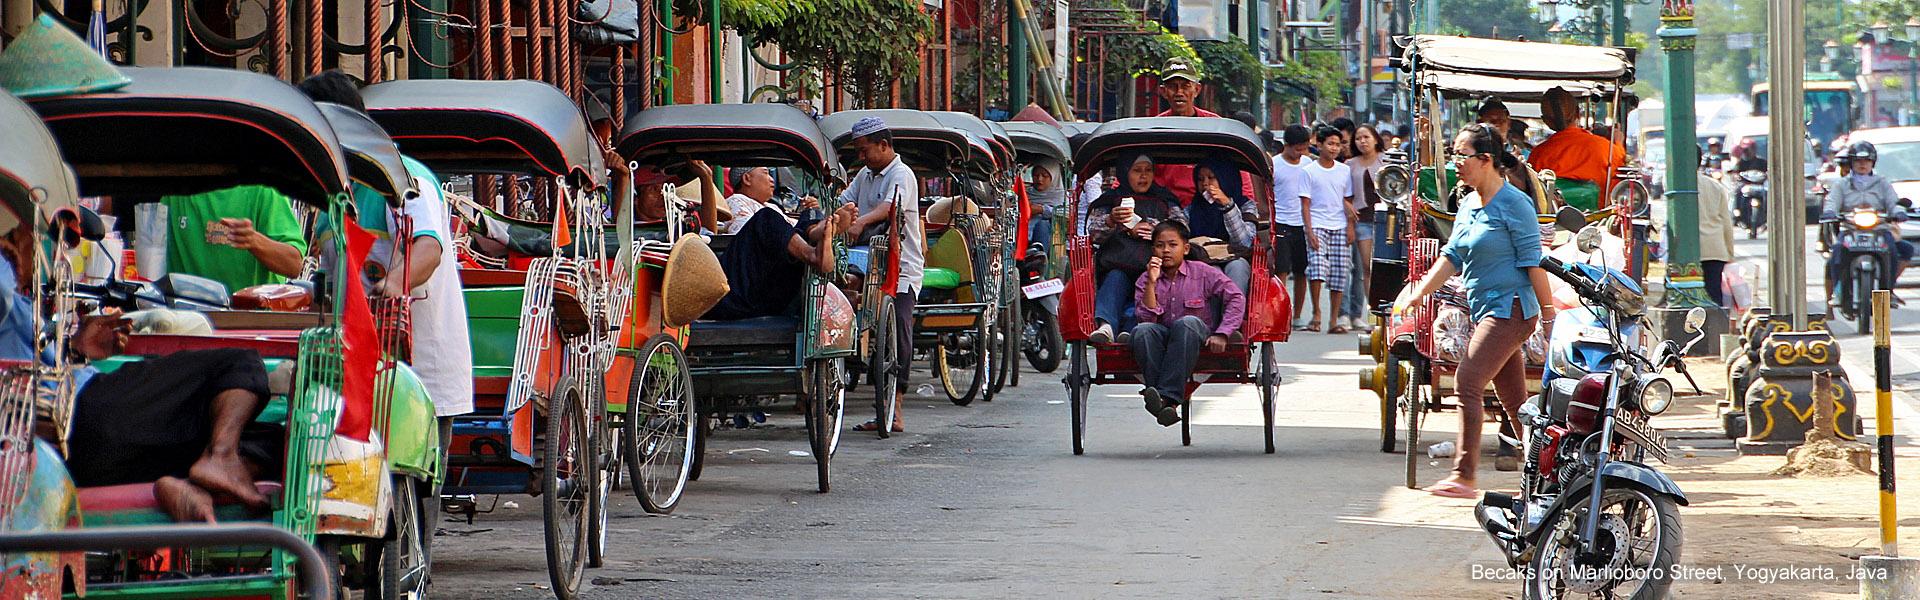 Becaks on Marlioboro Street, Yogyakarta, Java